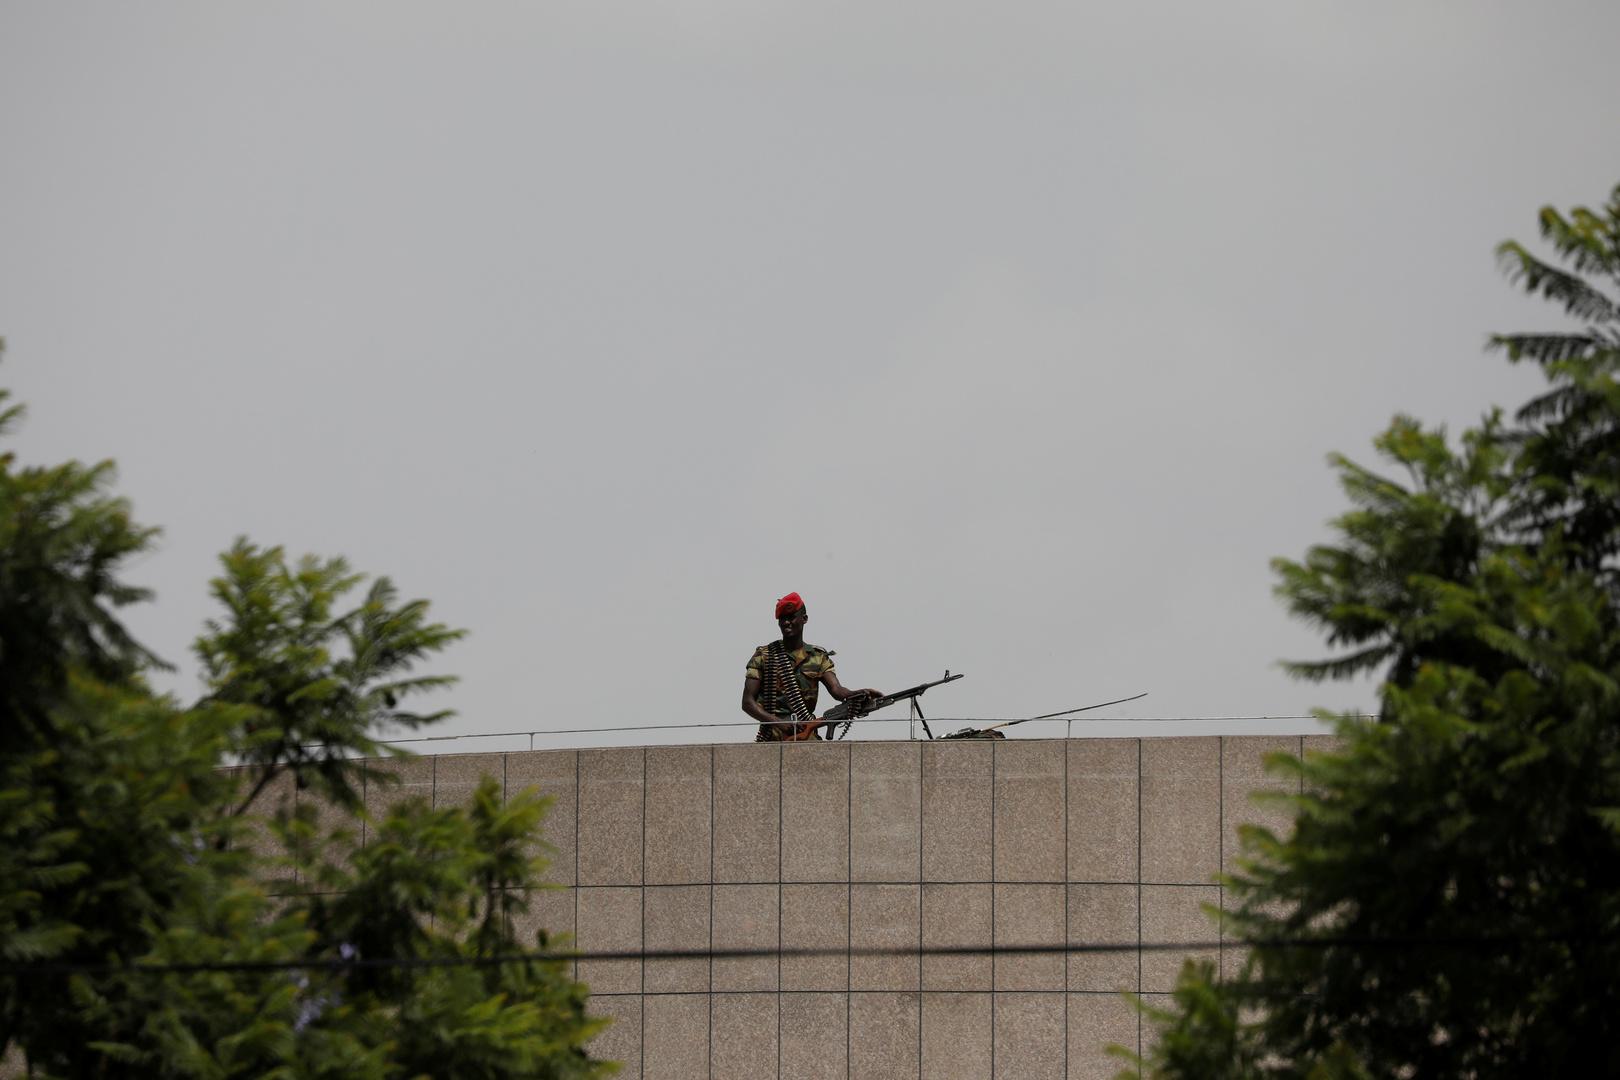 الجيش الإثيوبي يحذر قوات إقليم تيغراي من